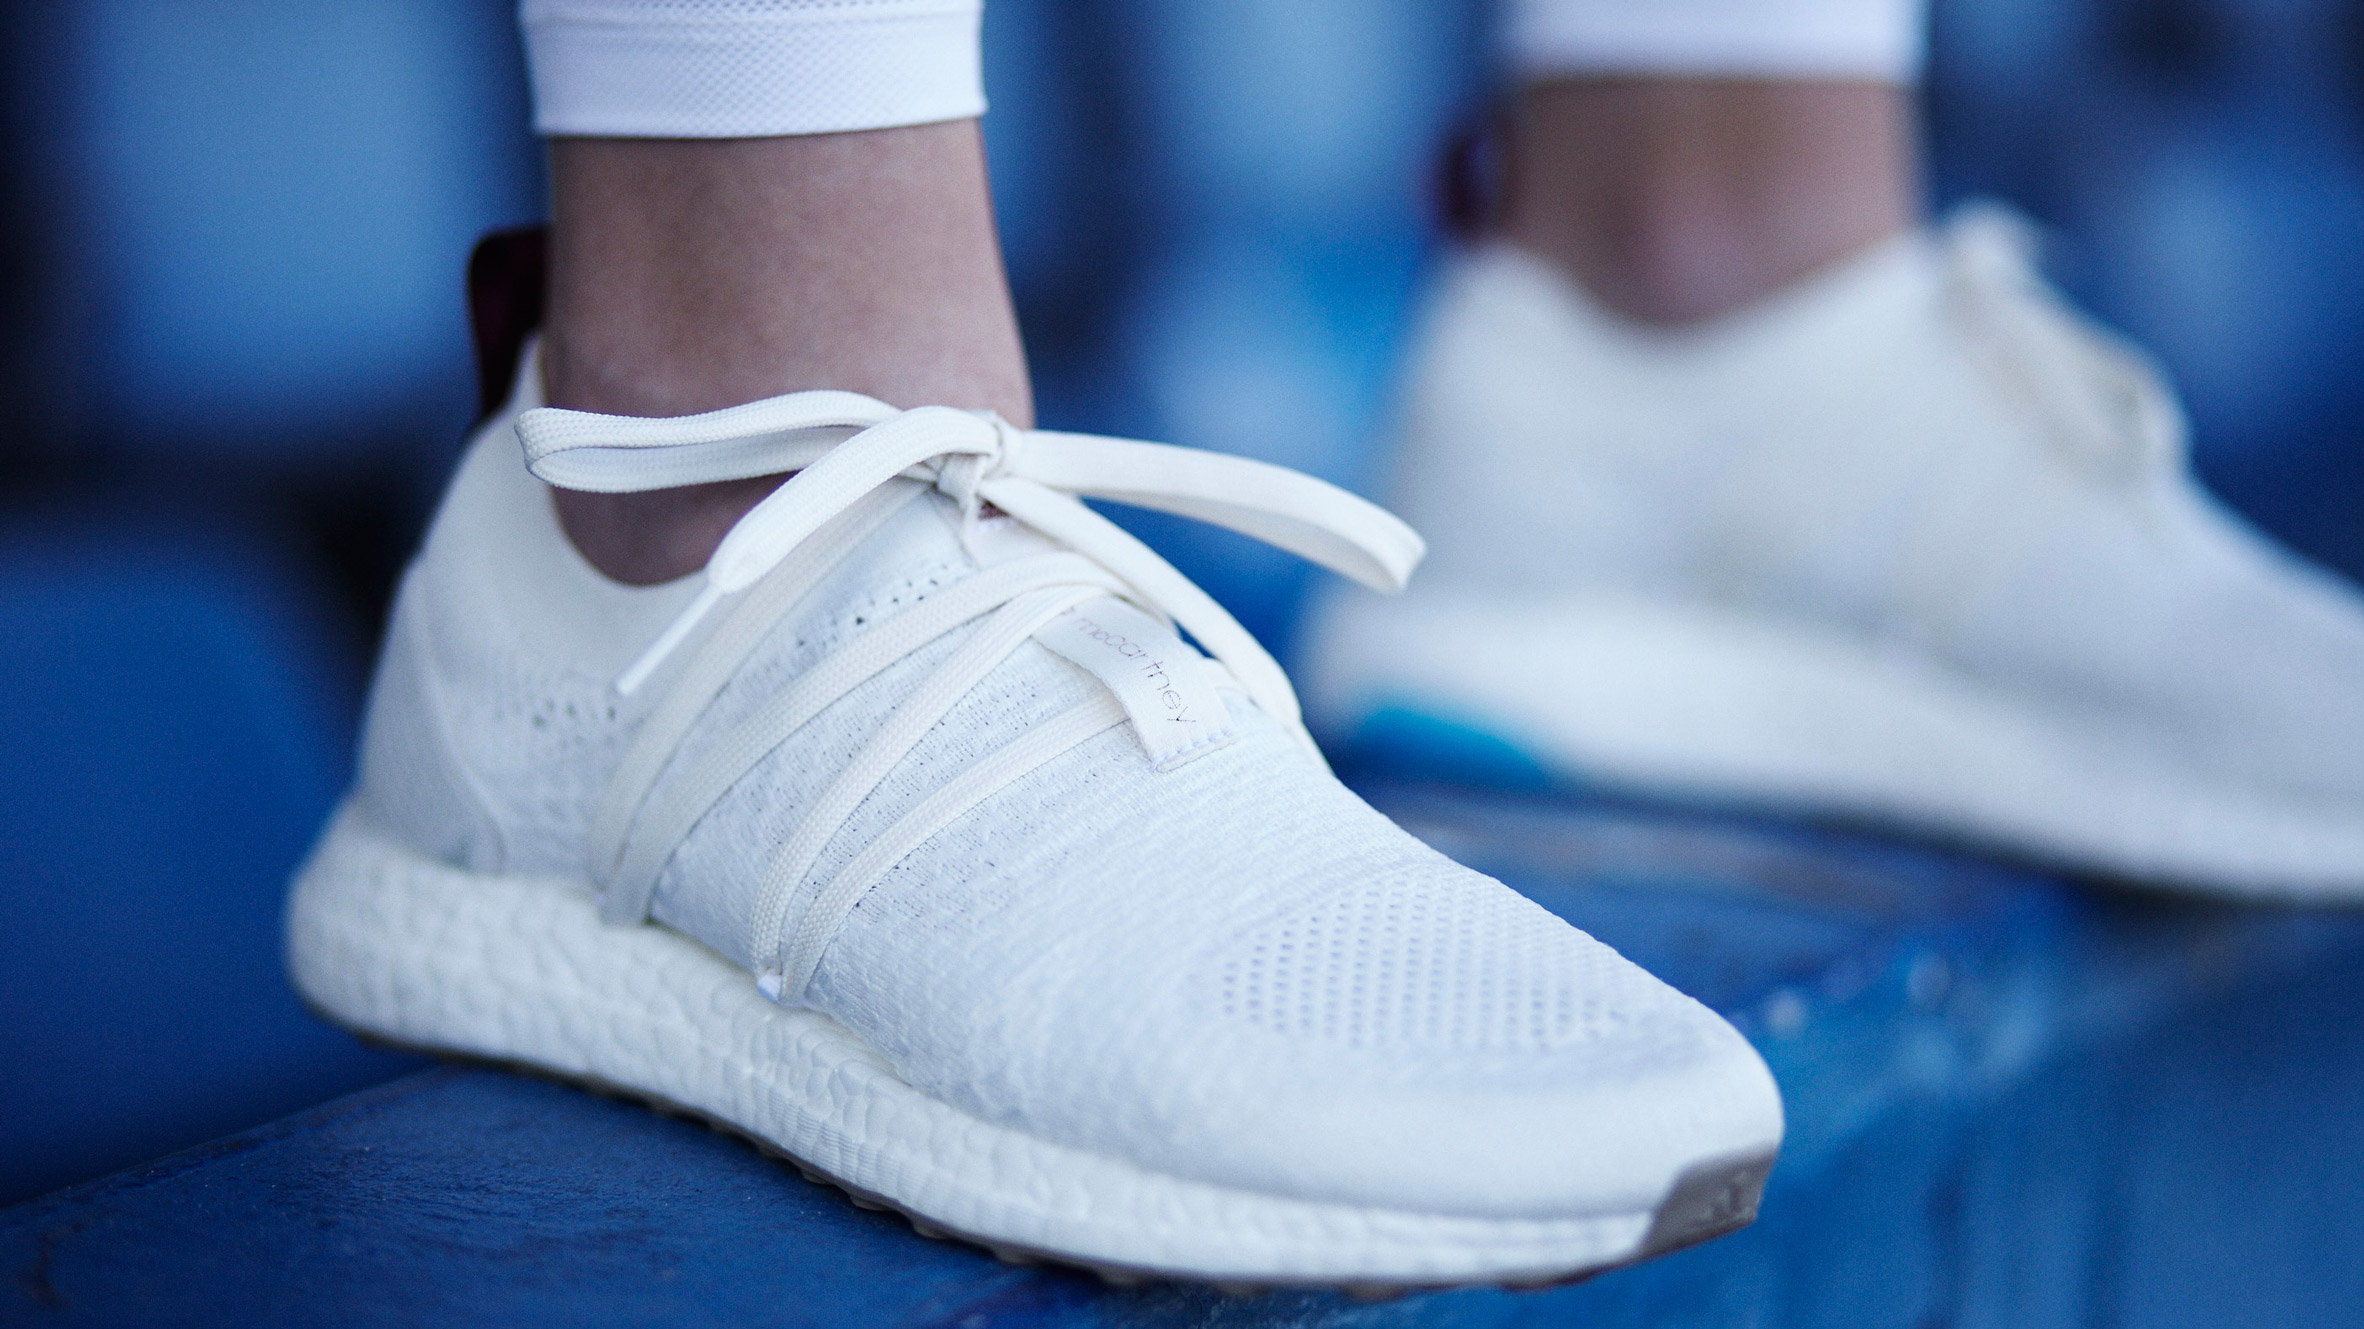 Adidas Parley UltraBOOST X by Stella McCartney